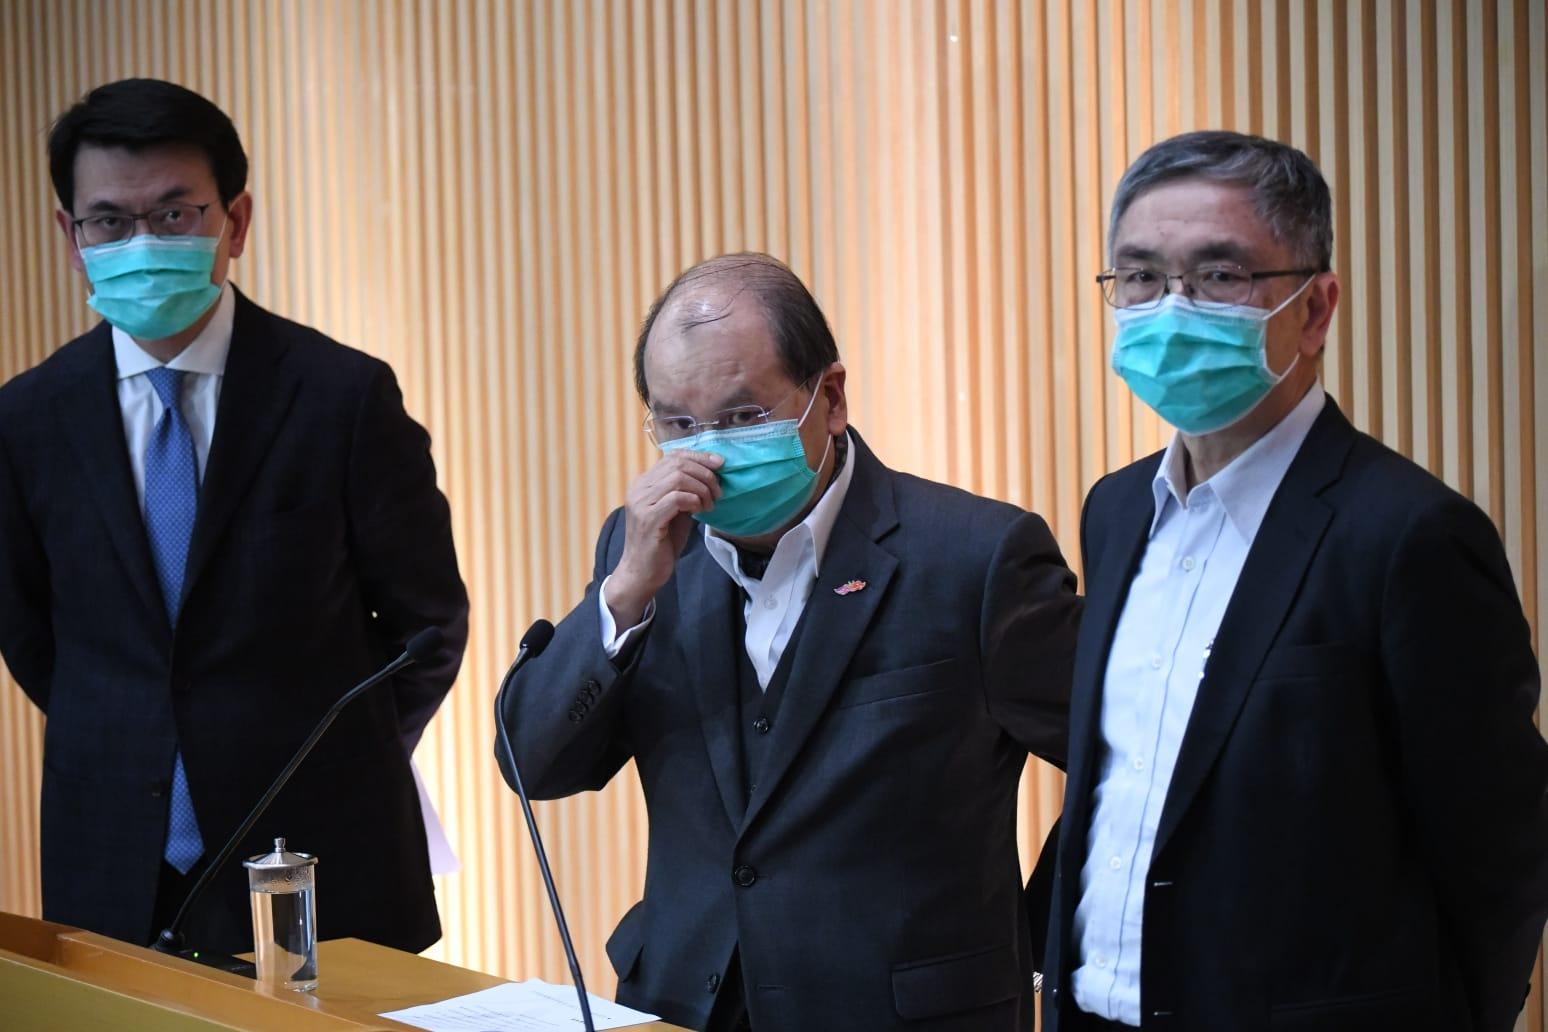 【新冠肺炎】政府澄清物流署仓库内仅1100万口罩 只够约1至2个月使用